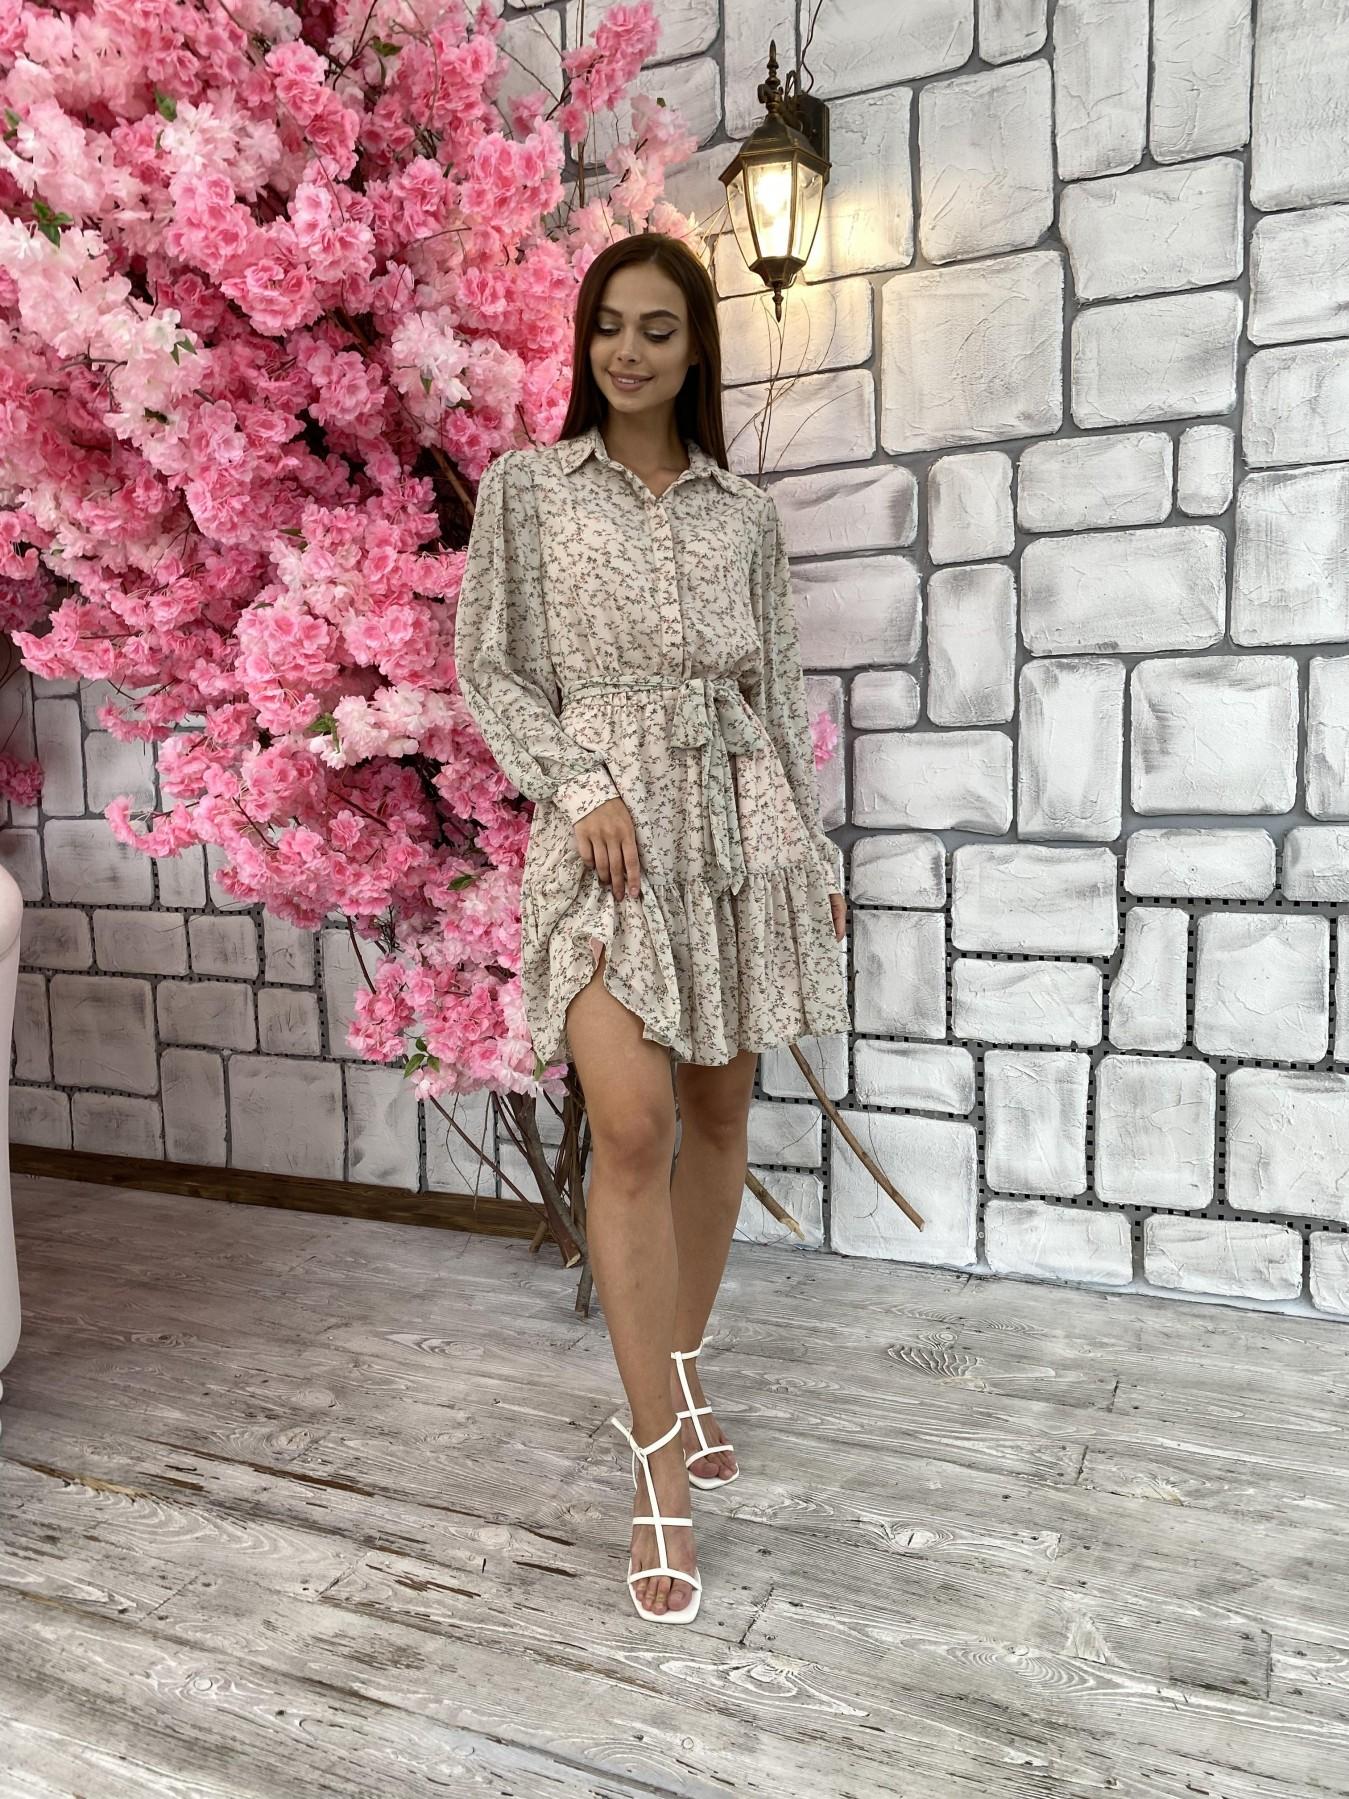 Молизе платье из шифона длиной мини с длинным рукавом в цветочной расцветке 11683 АРТ. 48412 Цвет: Бежевый/букетики - фото 4, интернет магазин tm-modus.ru